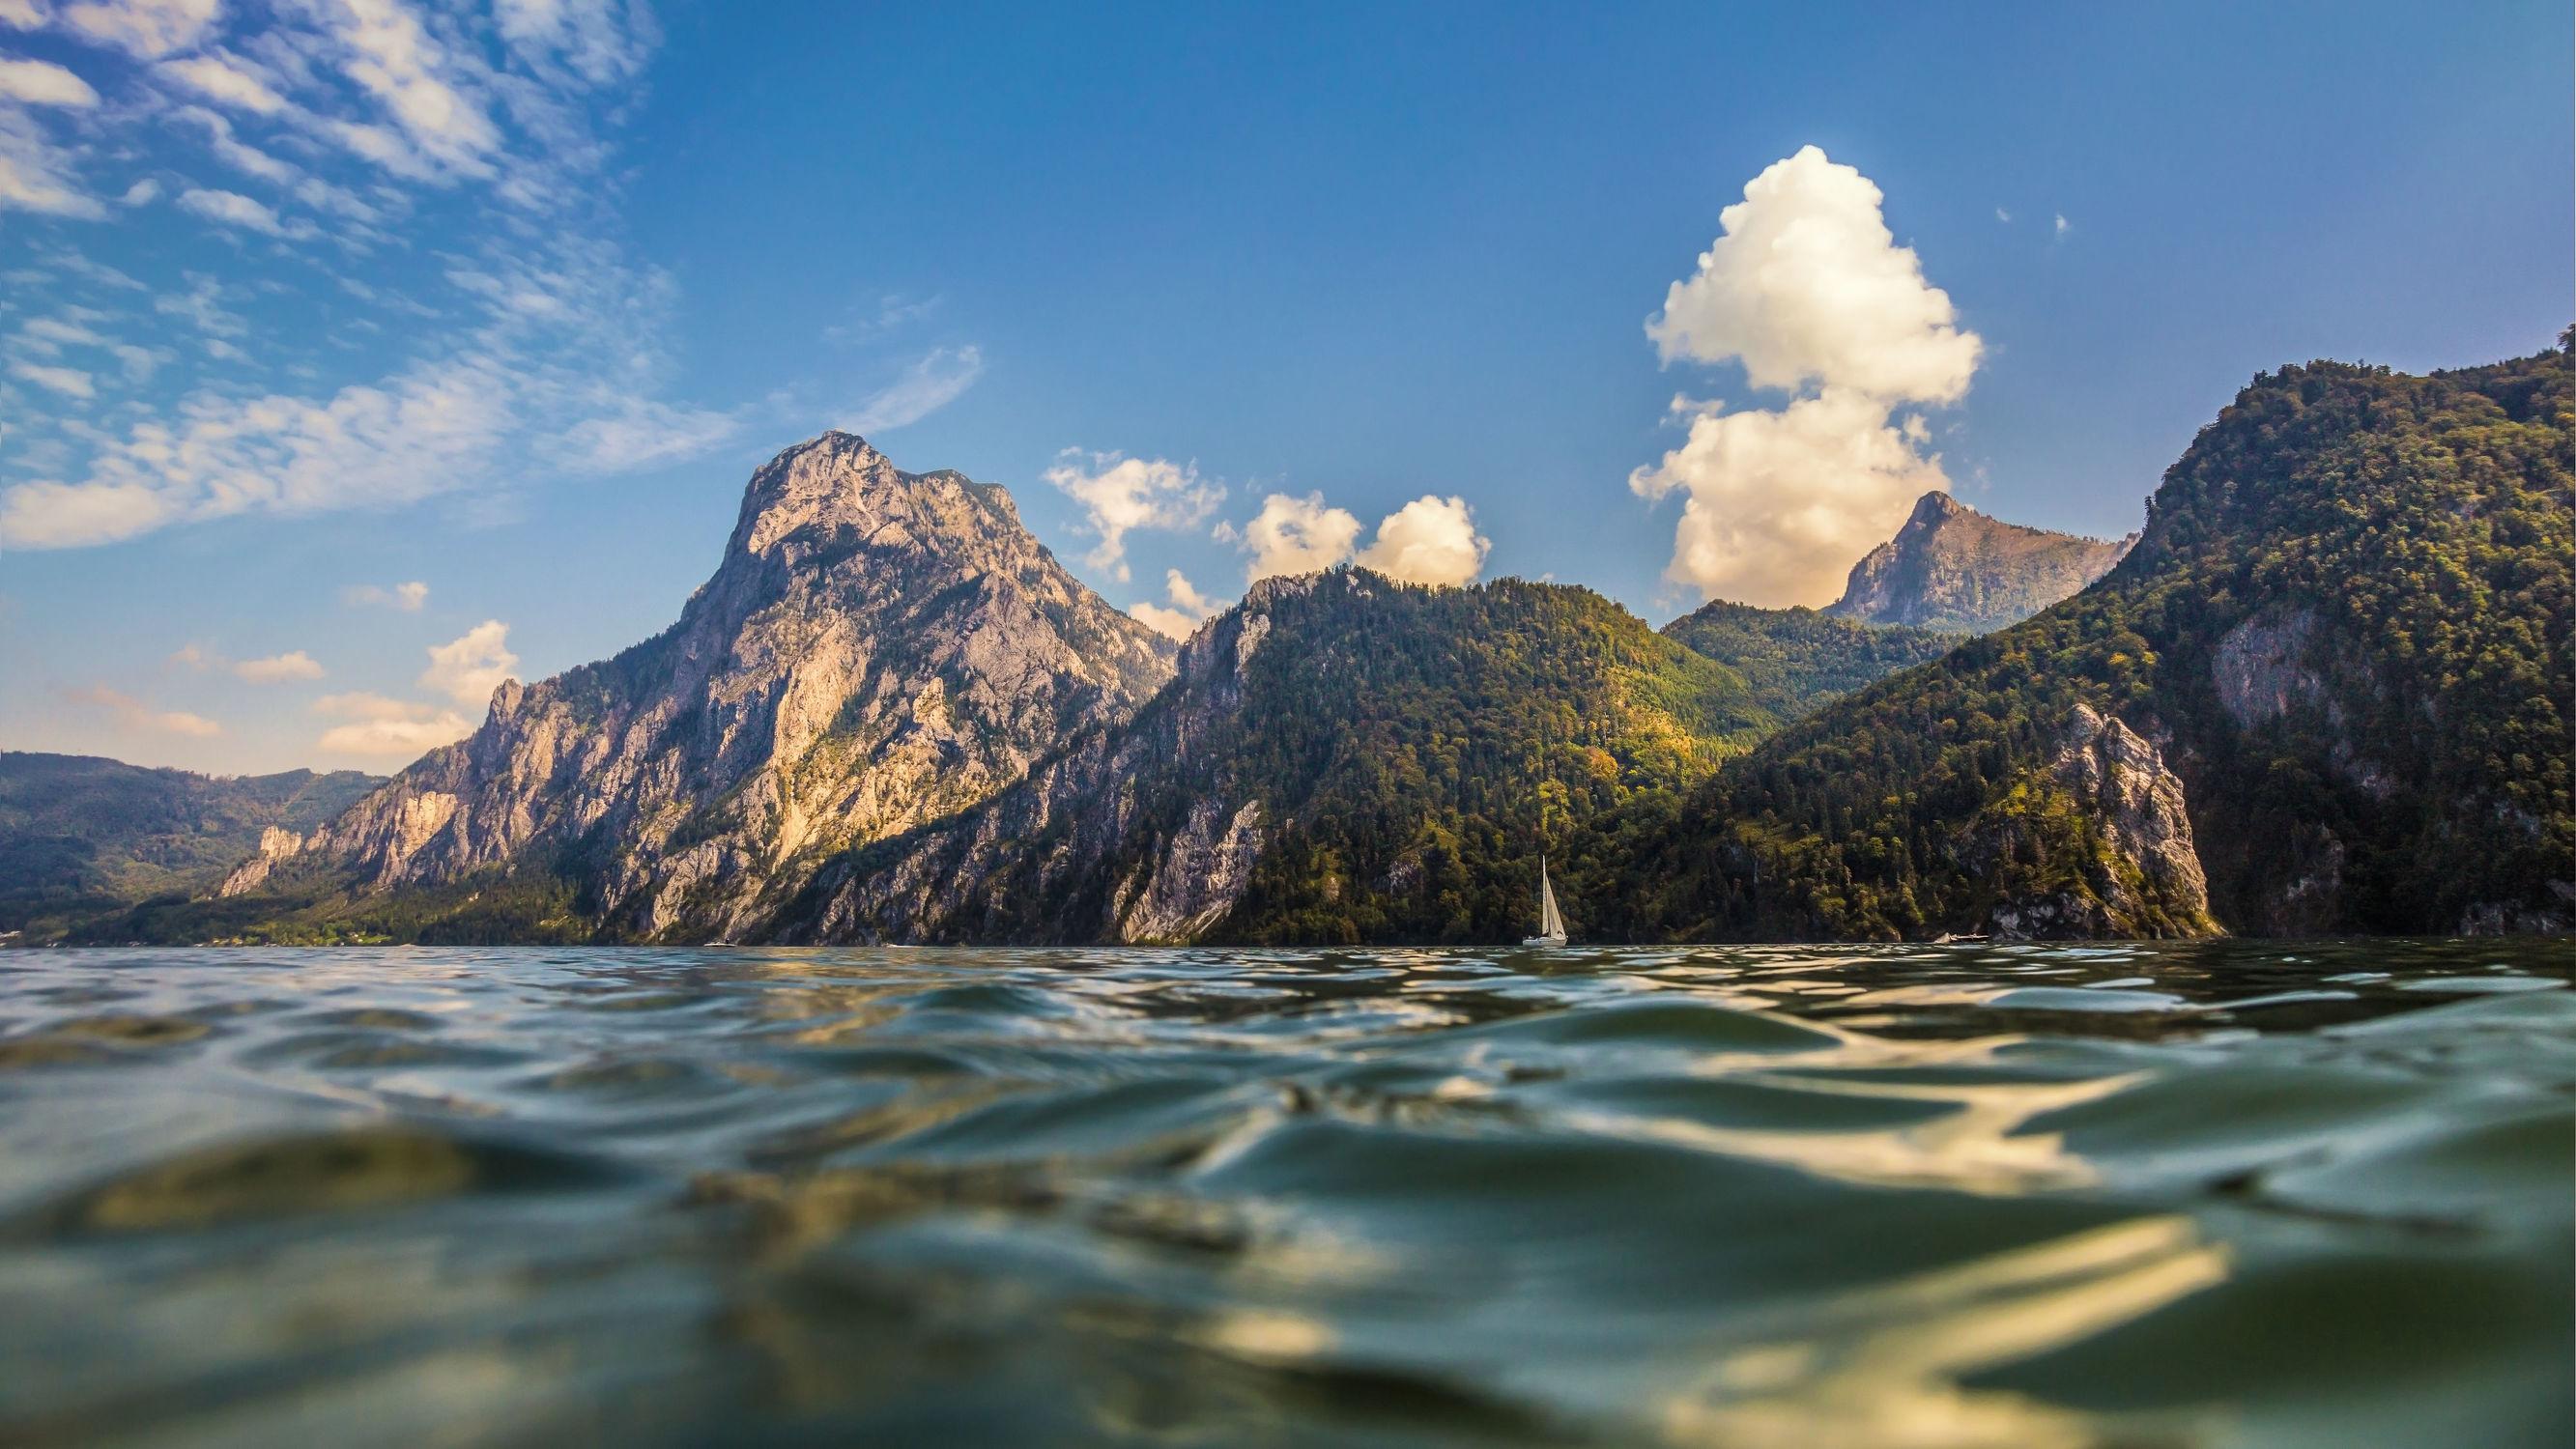 Bild mit Natur, Wasser, Berge, Gewässer, Wellen, Sonnenuntergang, Sonnenaufgang, See, berg, Gebirge